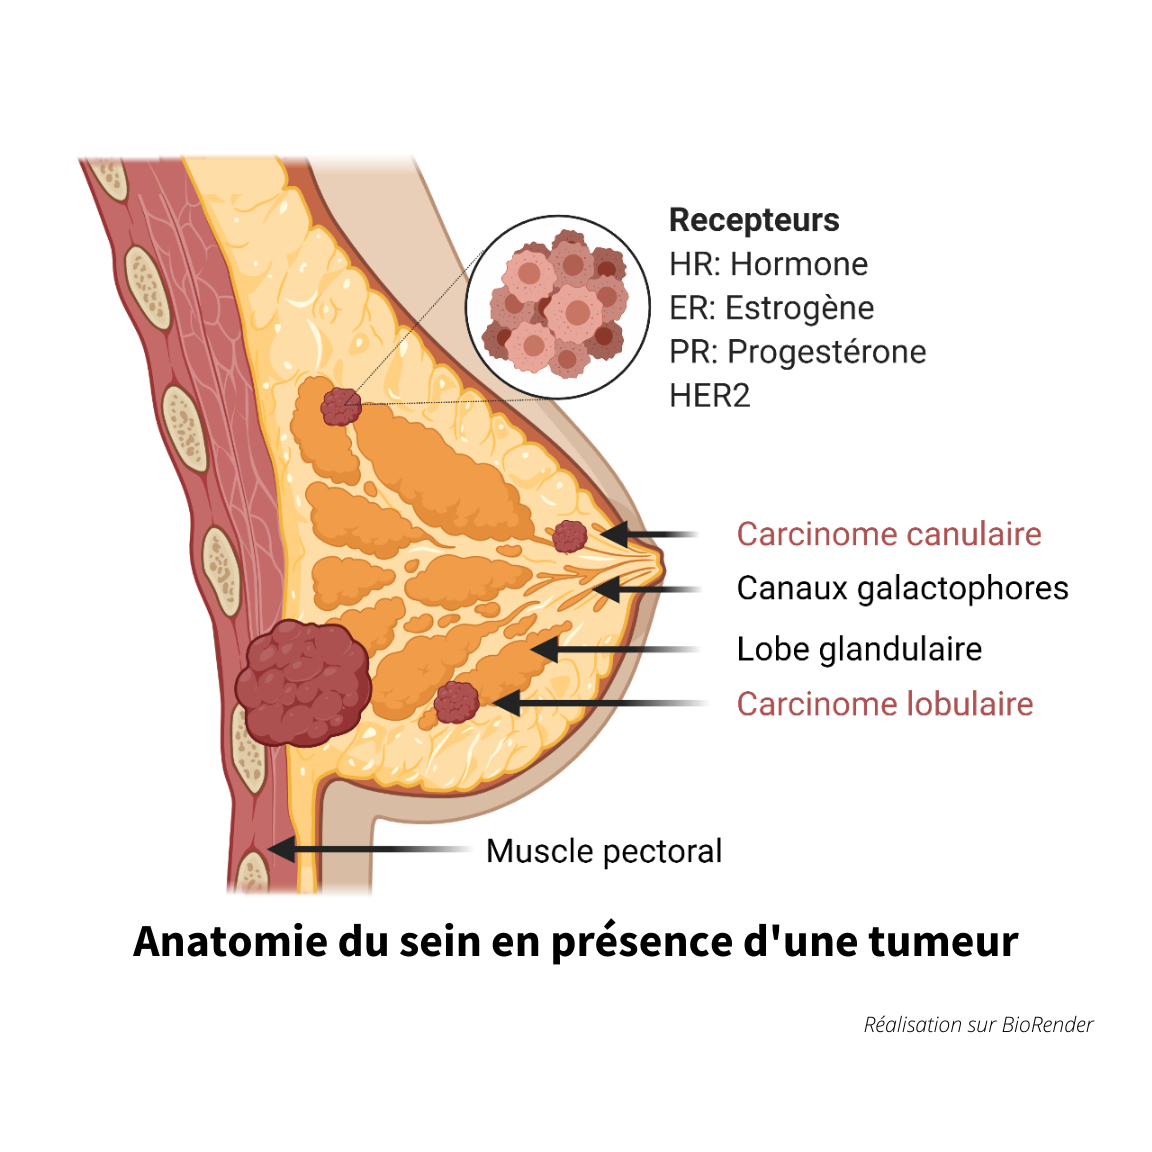 anatomie d'un sein en présence d'une tumeur